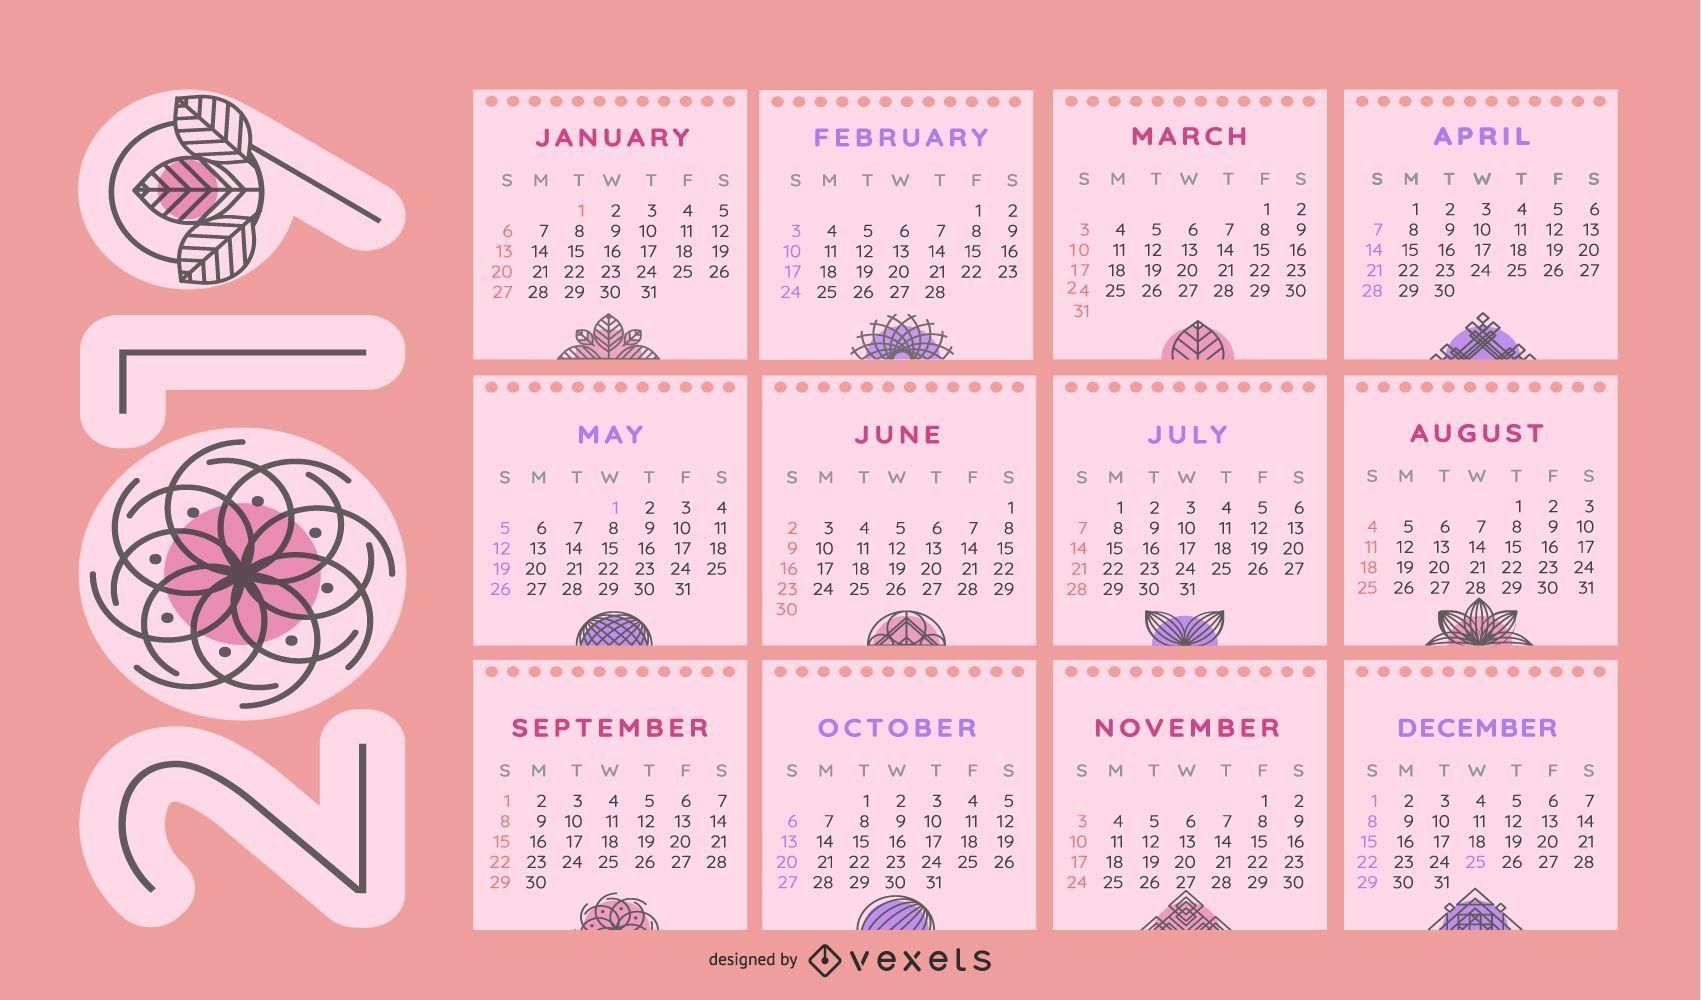 Diseño de calendario de temática floral 2019